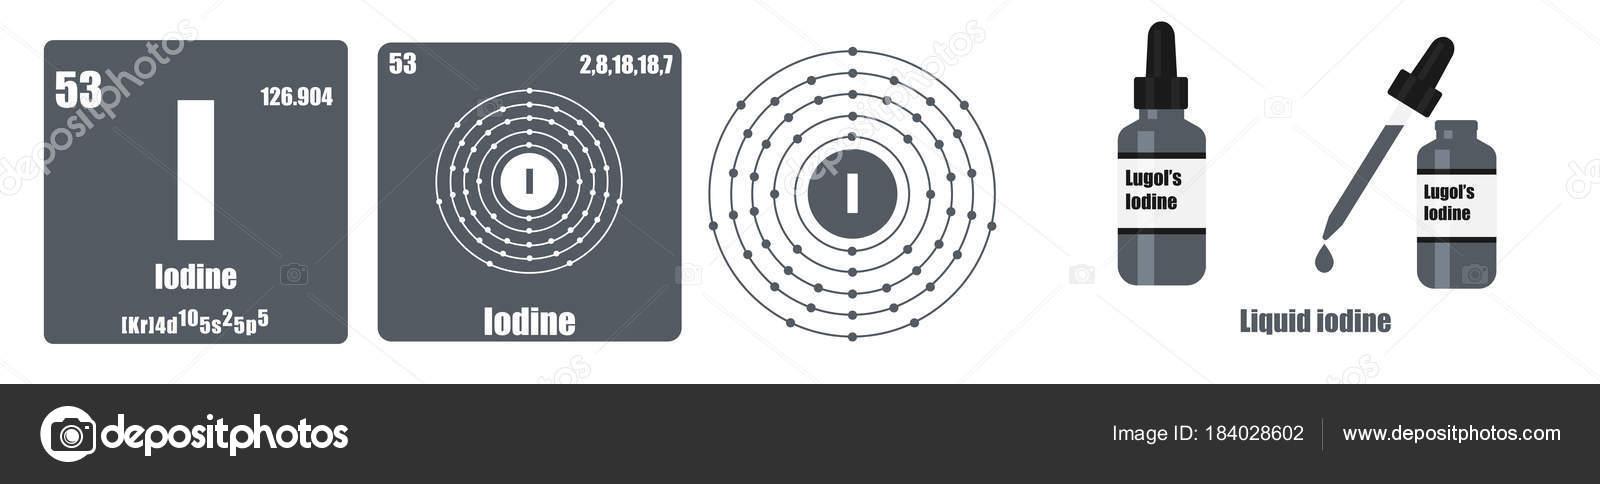 Tabla periodica de los elementos del grupo vii halgeno yodo tabla periodica de los elementos del grupo vii halgeno yodo vector de stock urtaz Image collections